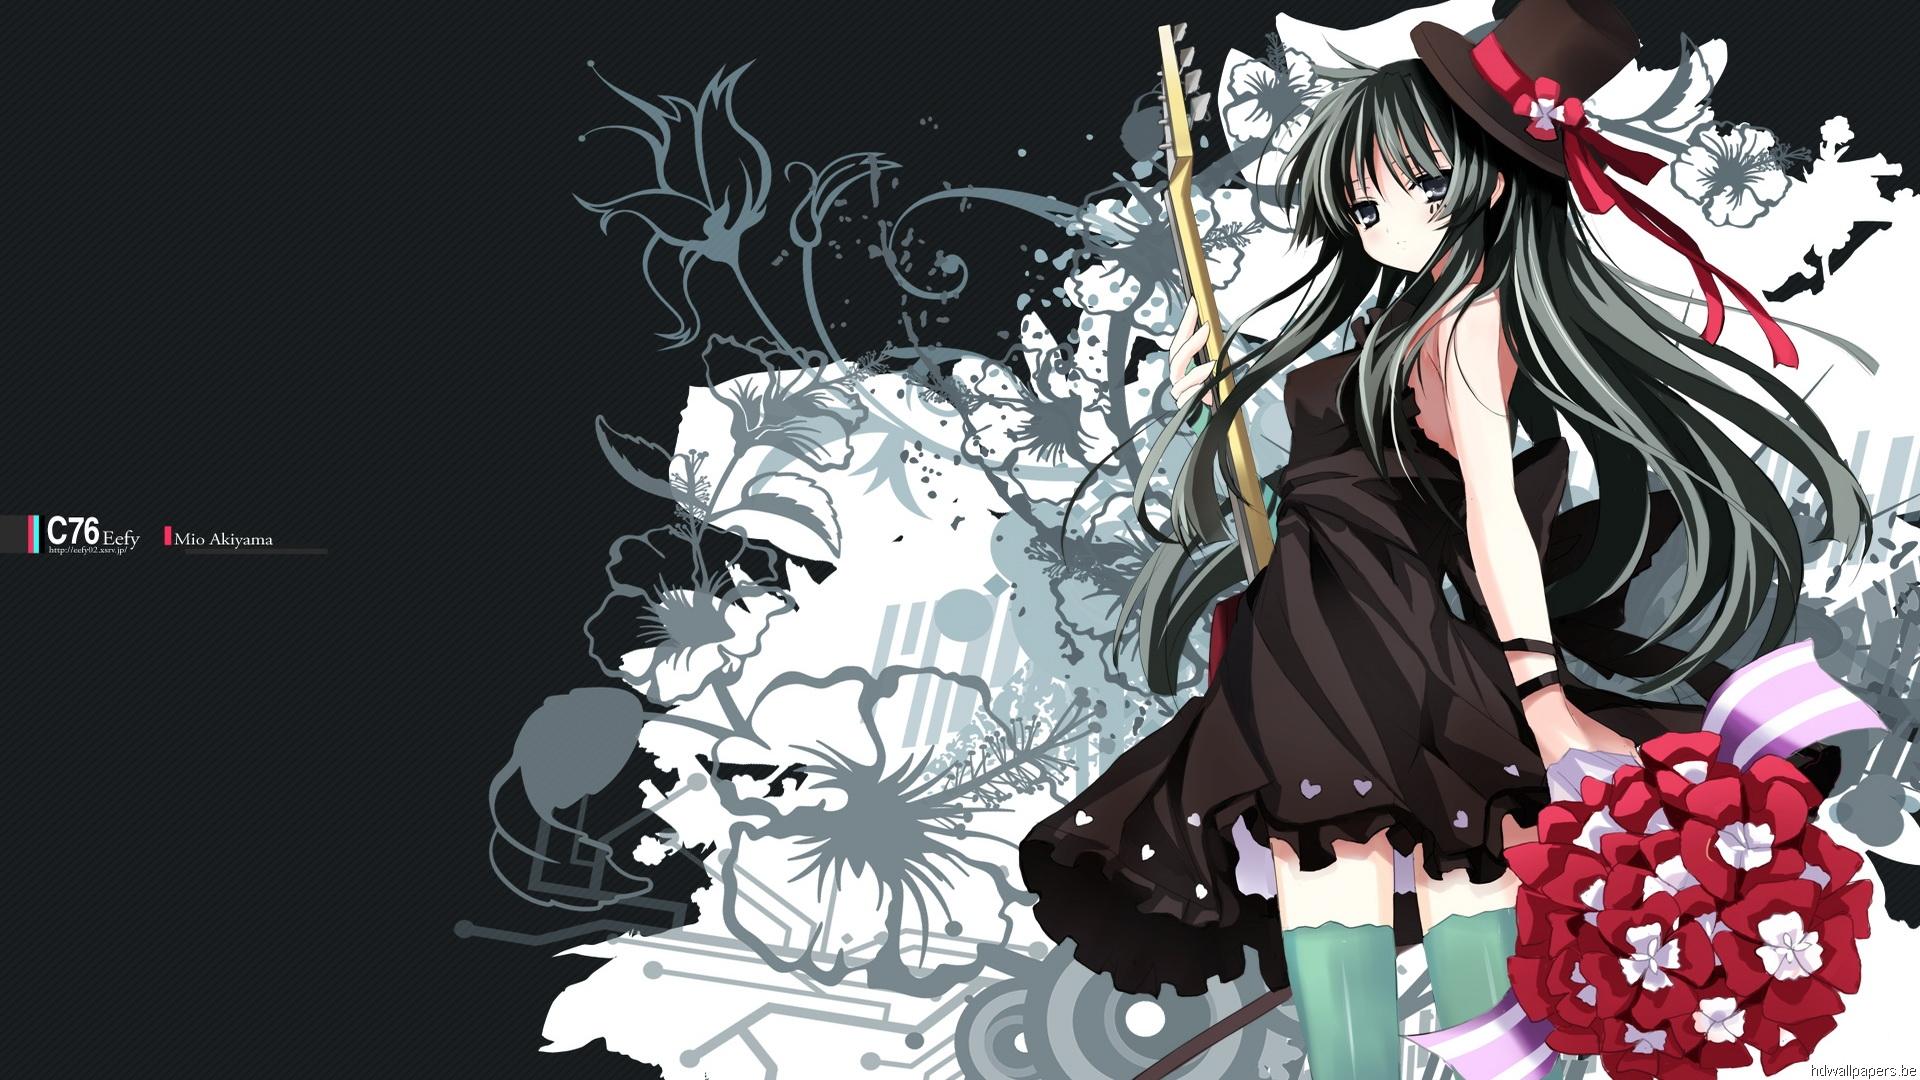 HD Anime Wallpapers Desktop Anime Wallpaper HD 22 1920x1080 1920x1080